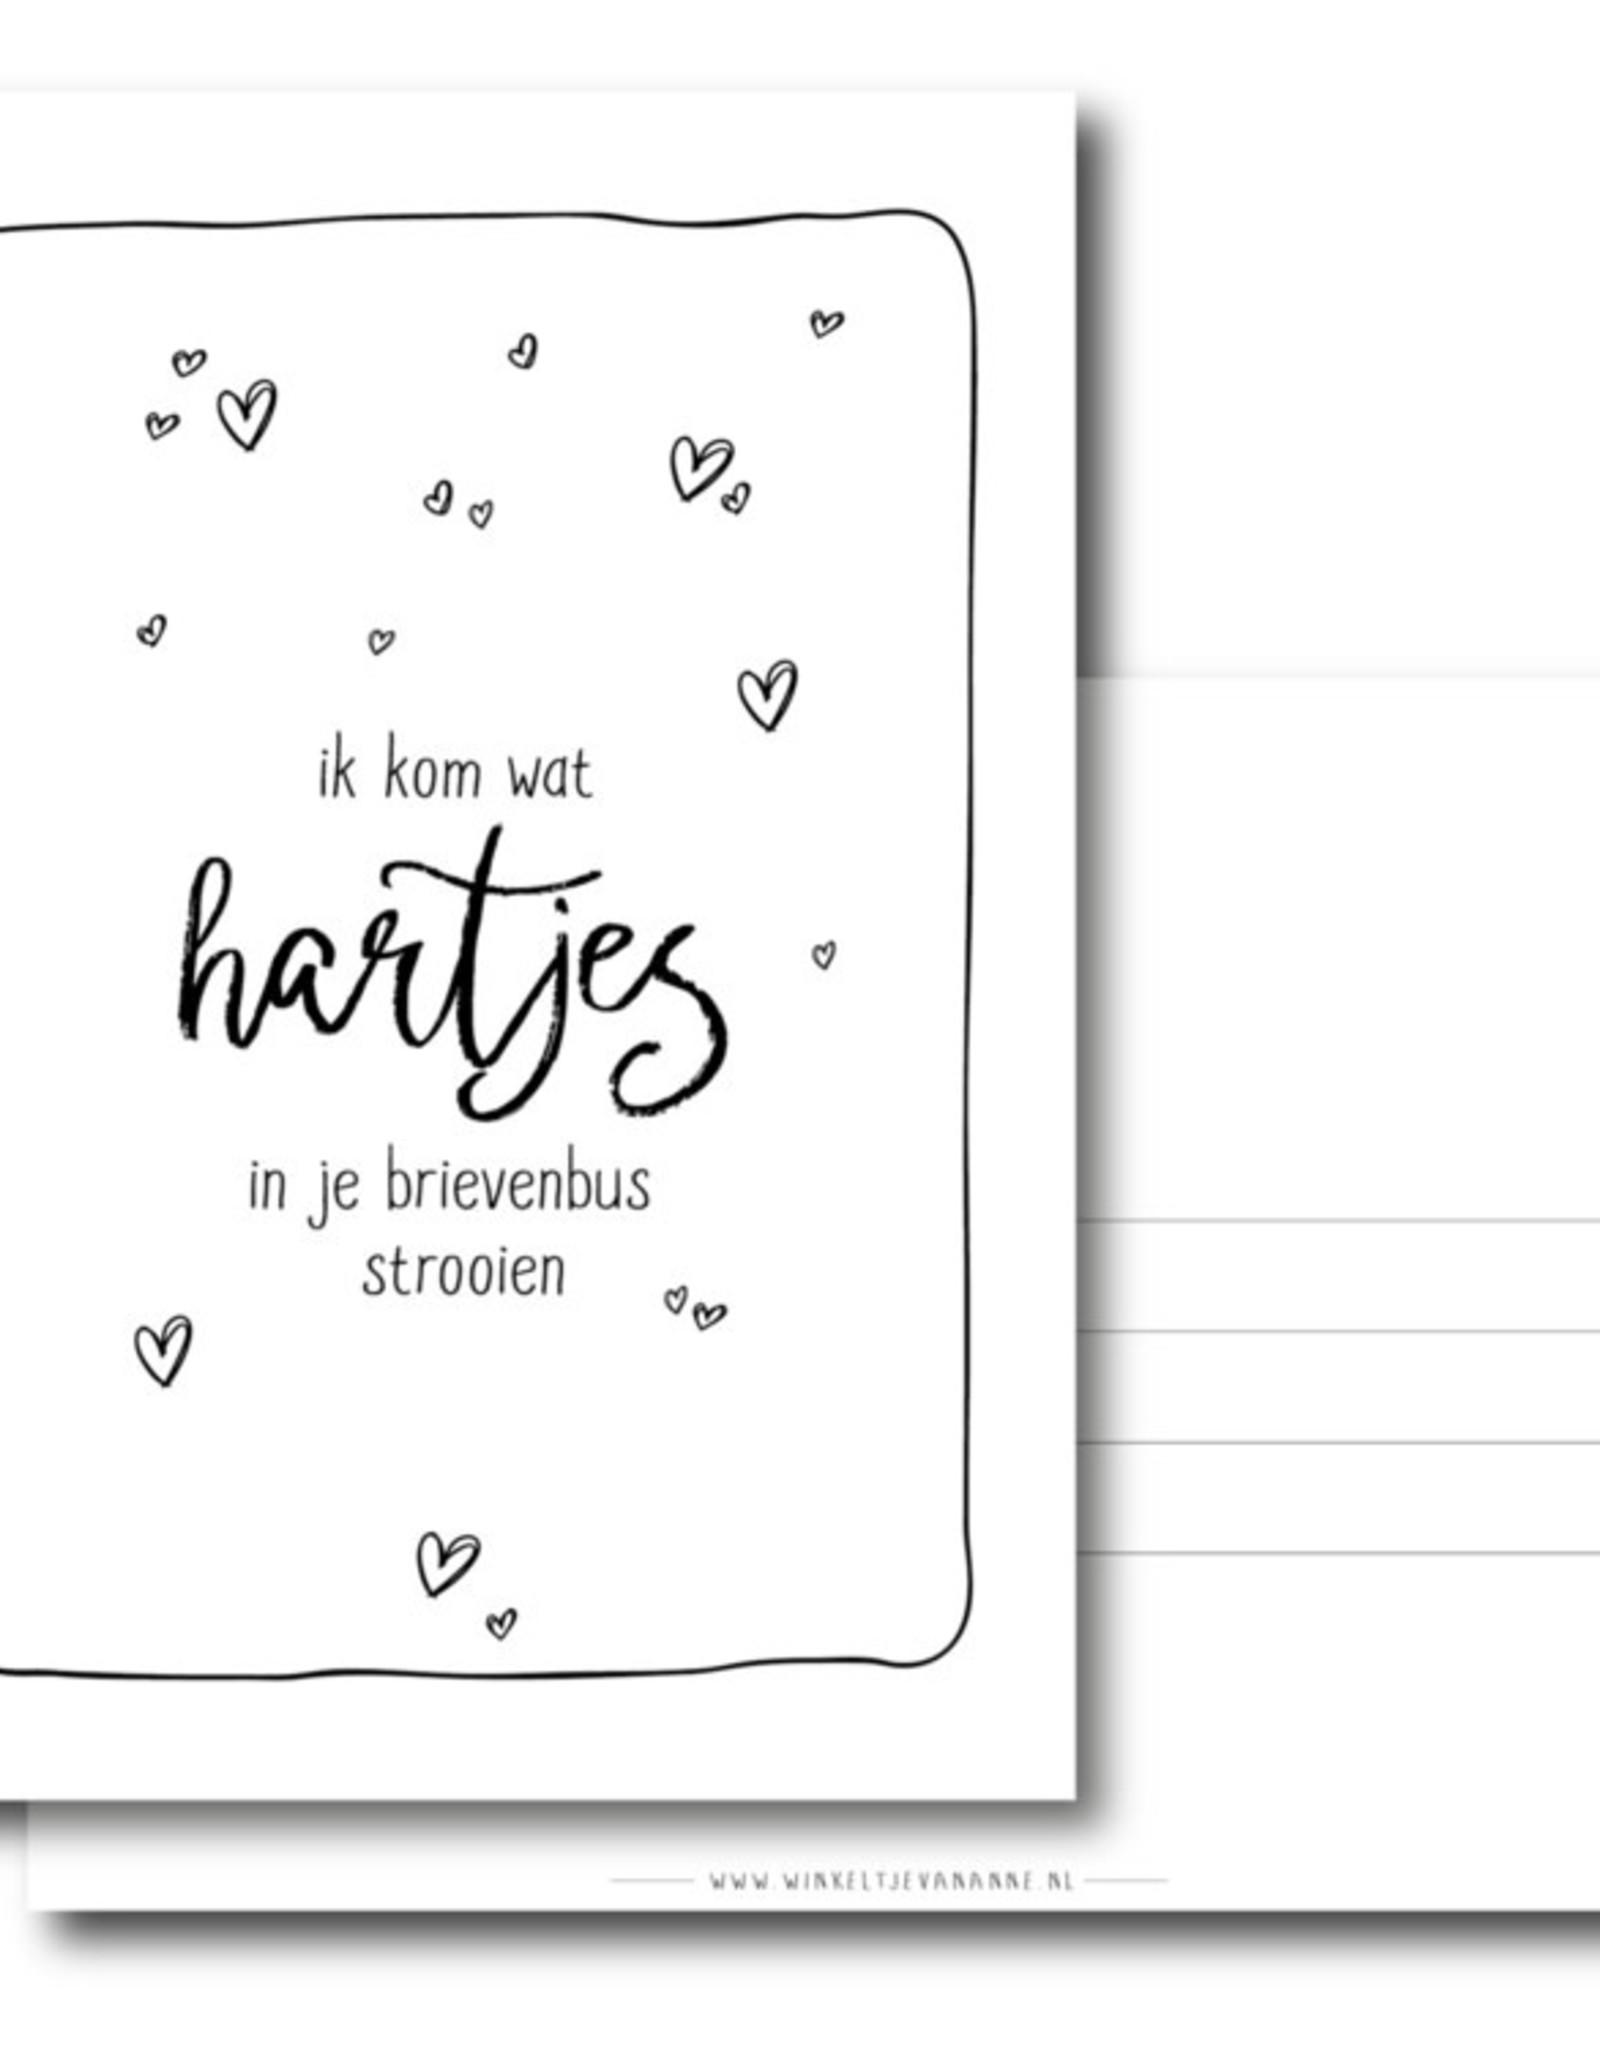 Winkeltje van Anne kaart a6 winkeltje van anne: ik kom wat hartjes in je brievenbus strooien